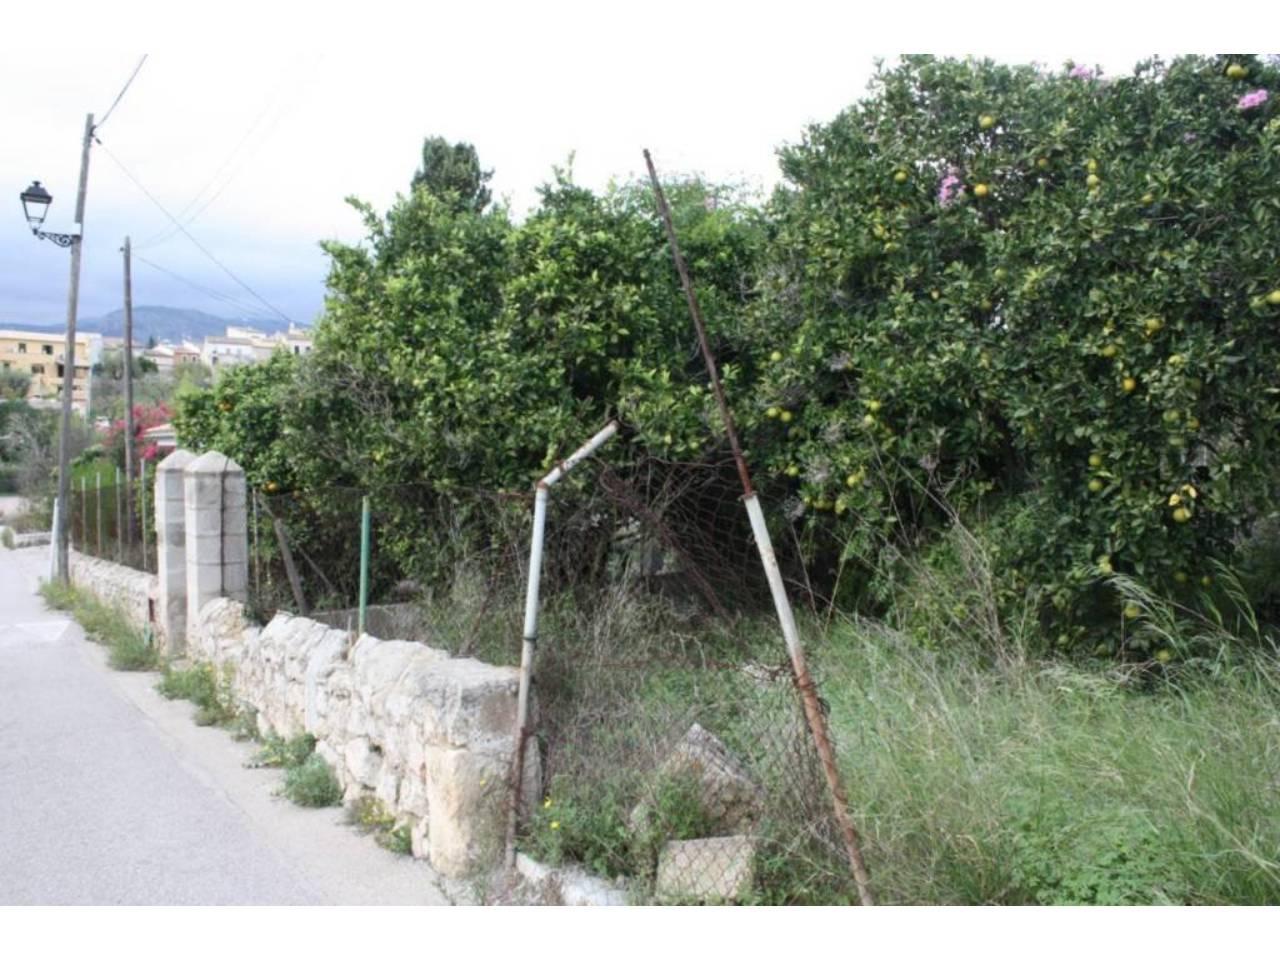 Solar urbano  Campanet. Solar situado en una calle ancha de campanet con las vistas tota